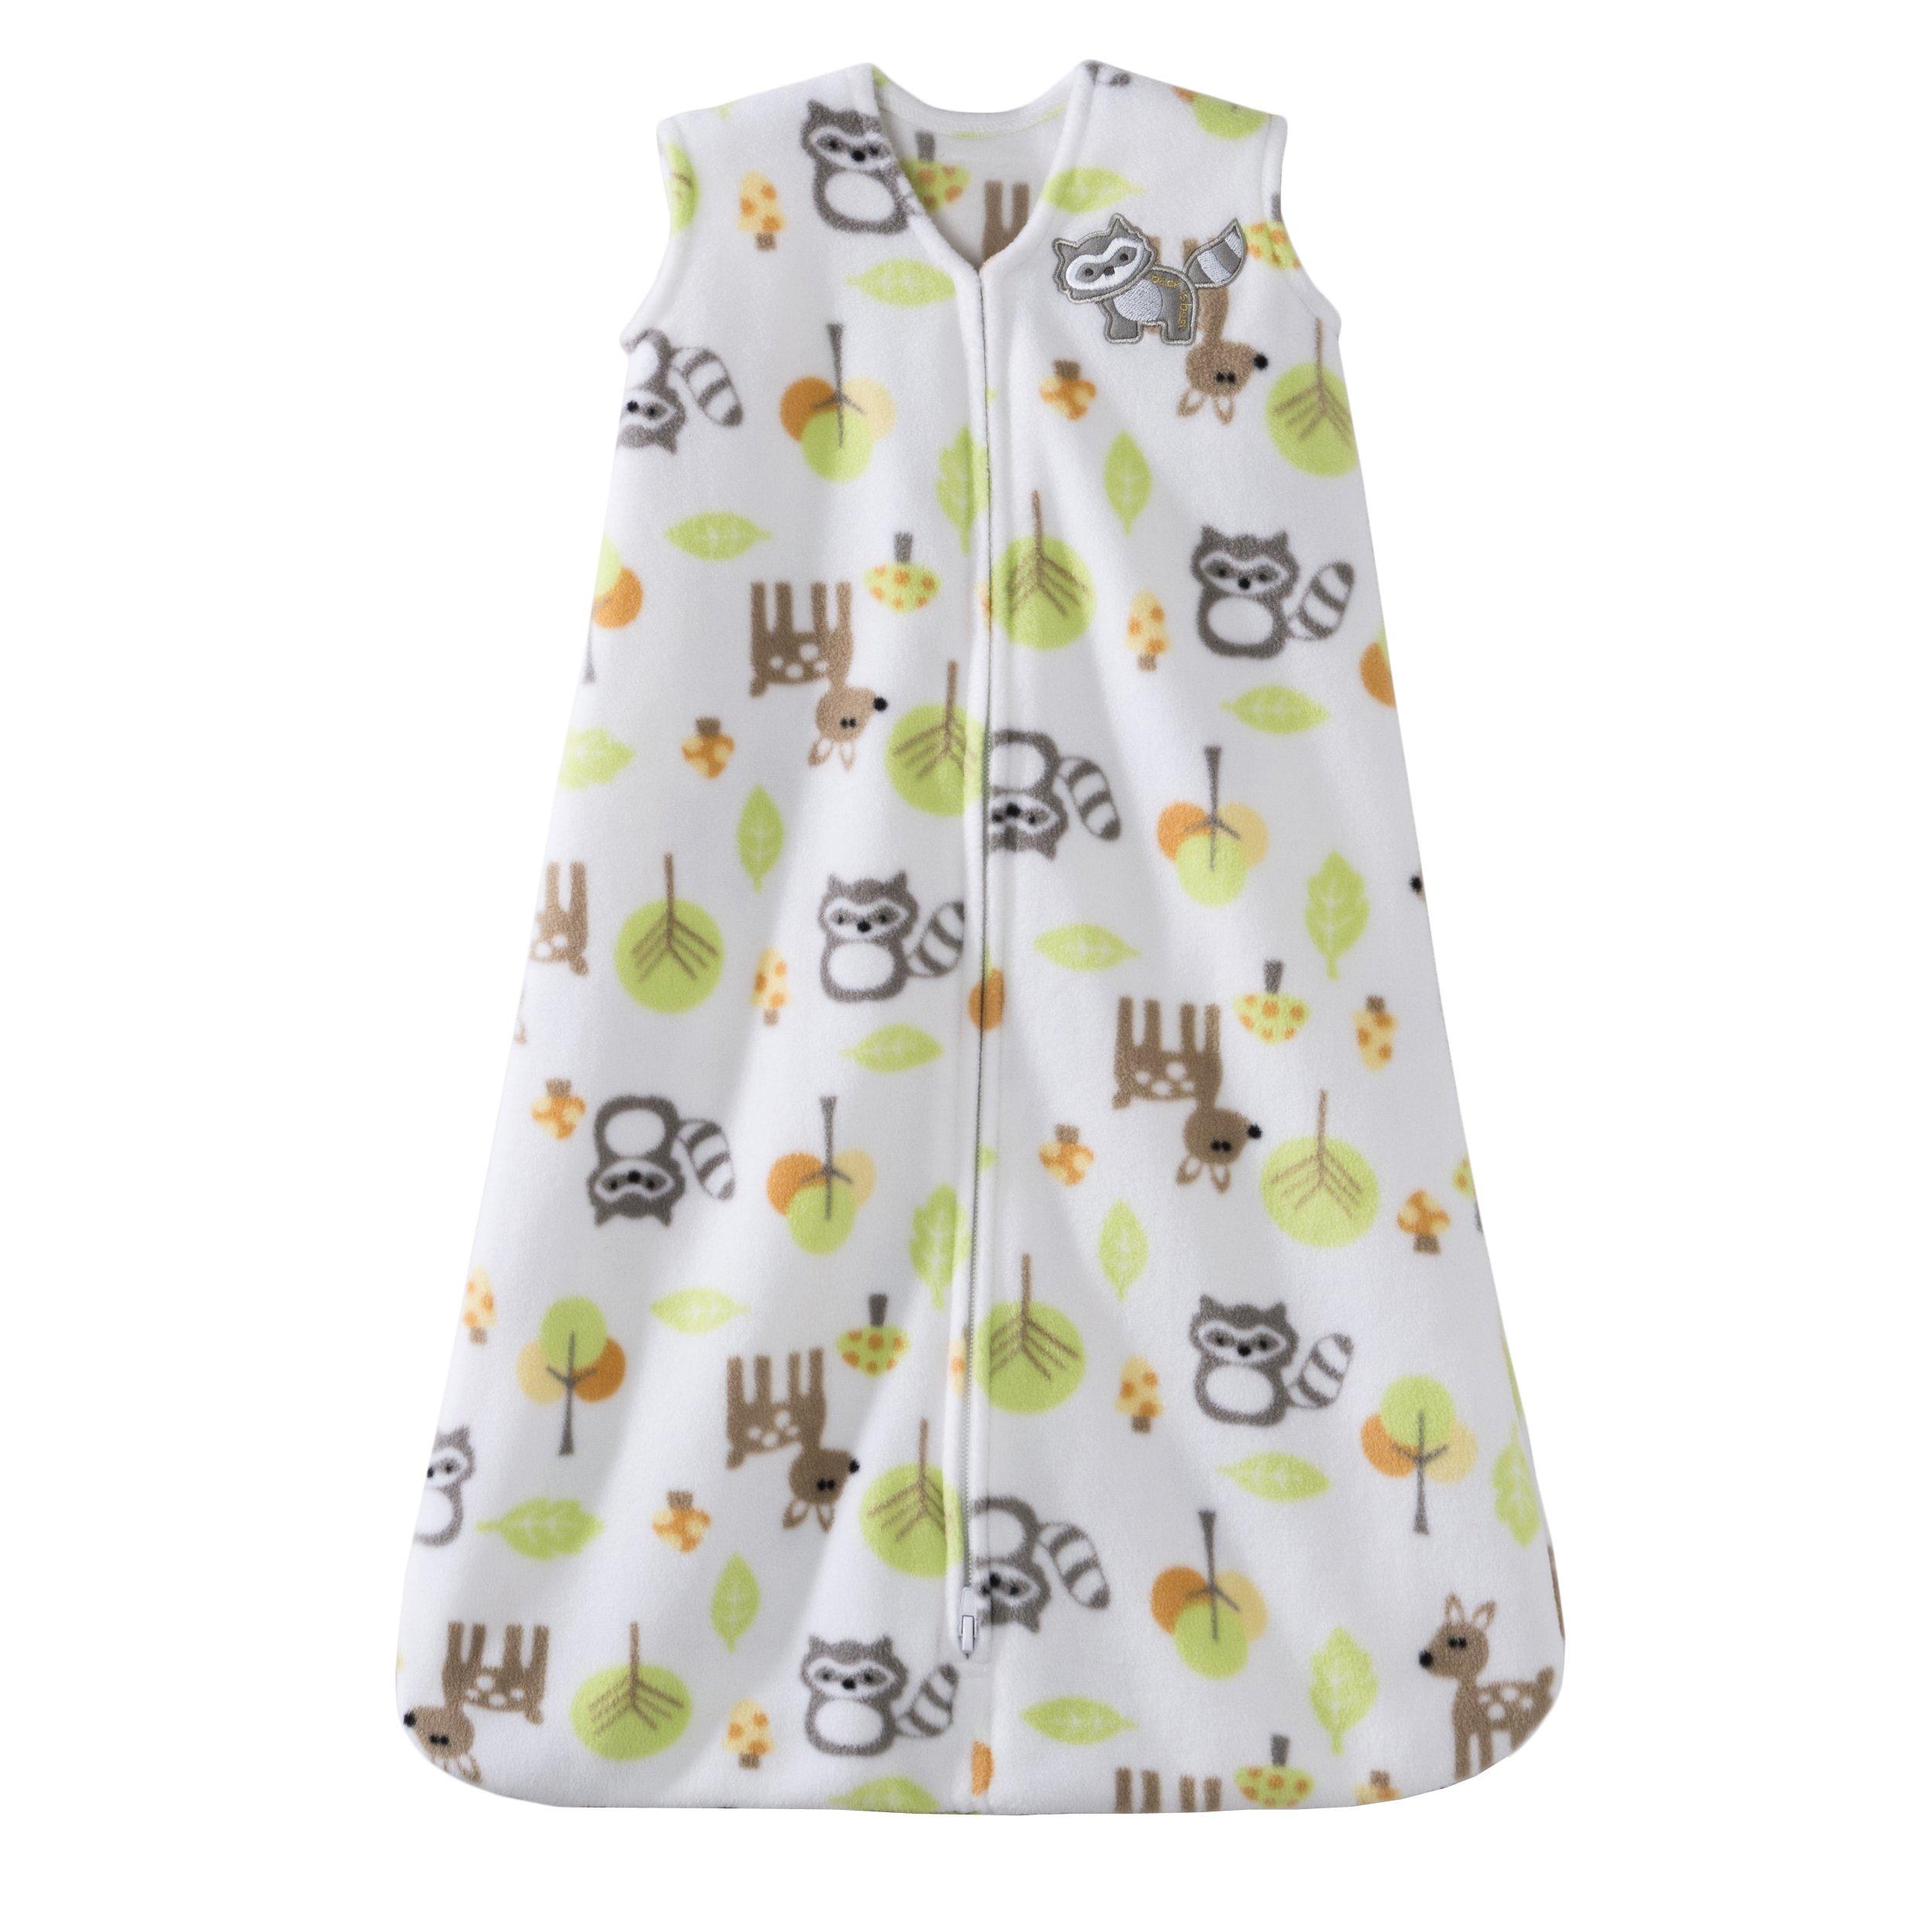 Halo SleepSack Micro-Fleece Wearable Blanket, Woodland, Large